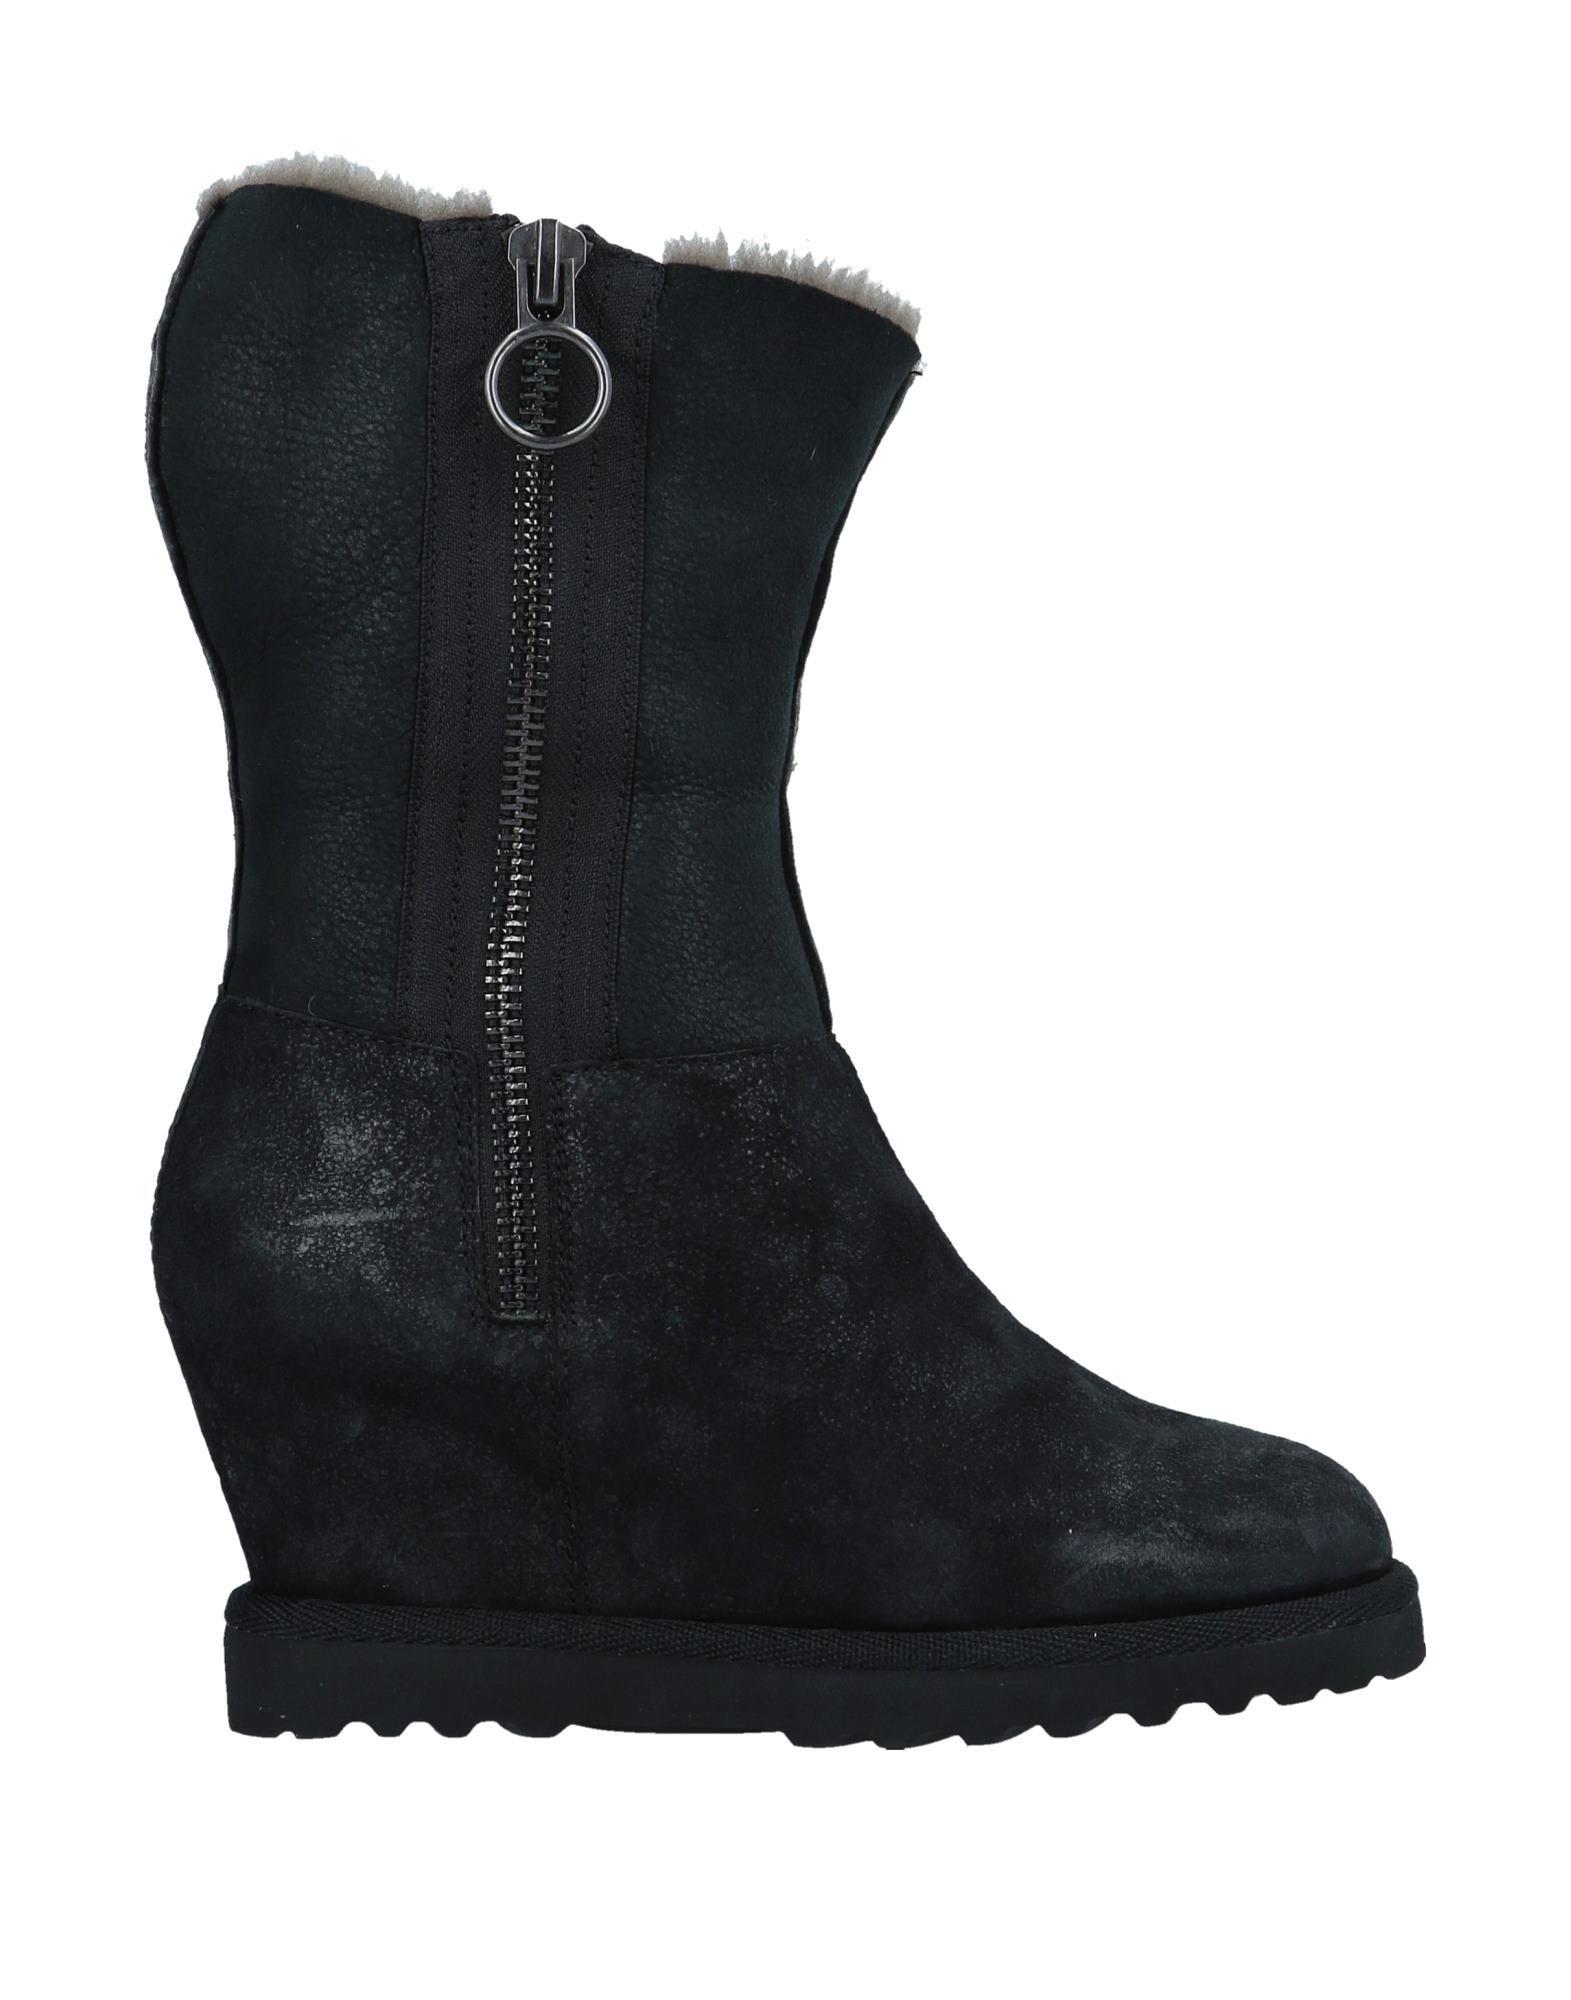 Bottine Ash Femme - Bottines Ash Noir Chaussures femme pas cher homme et femme